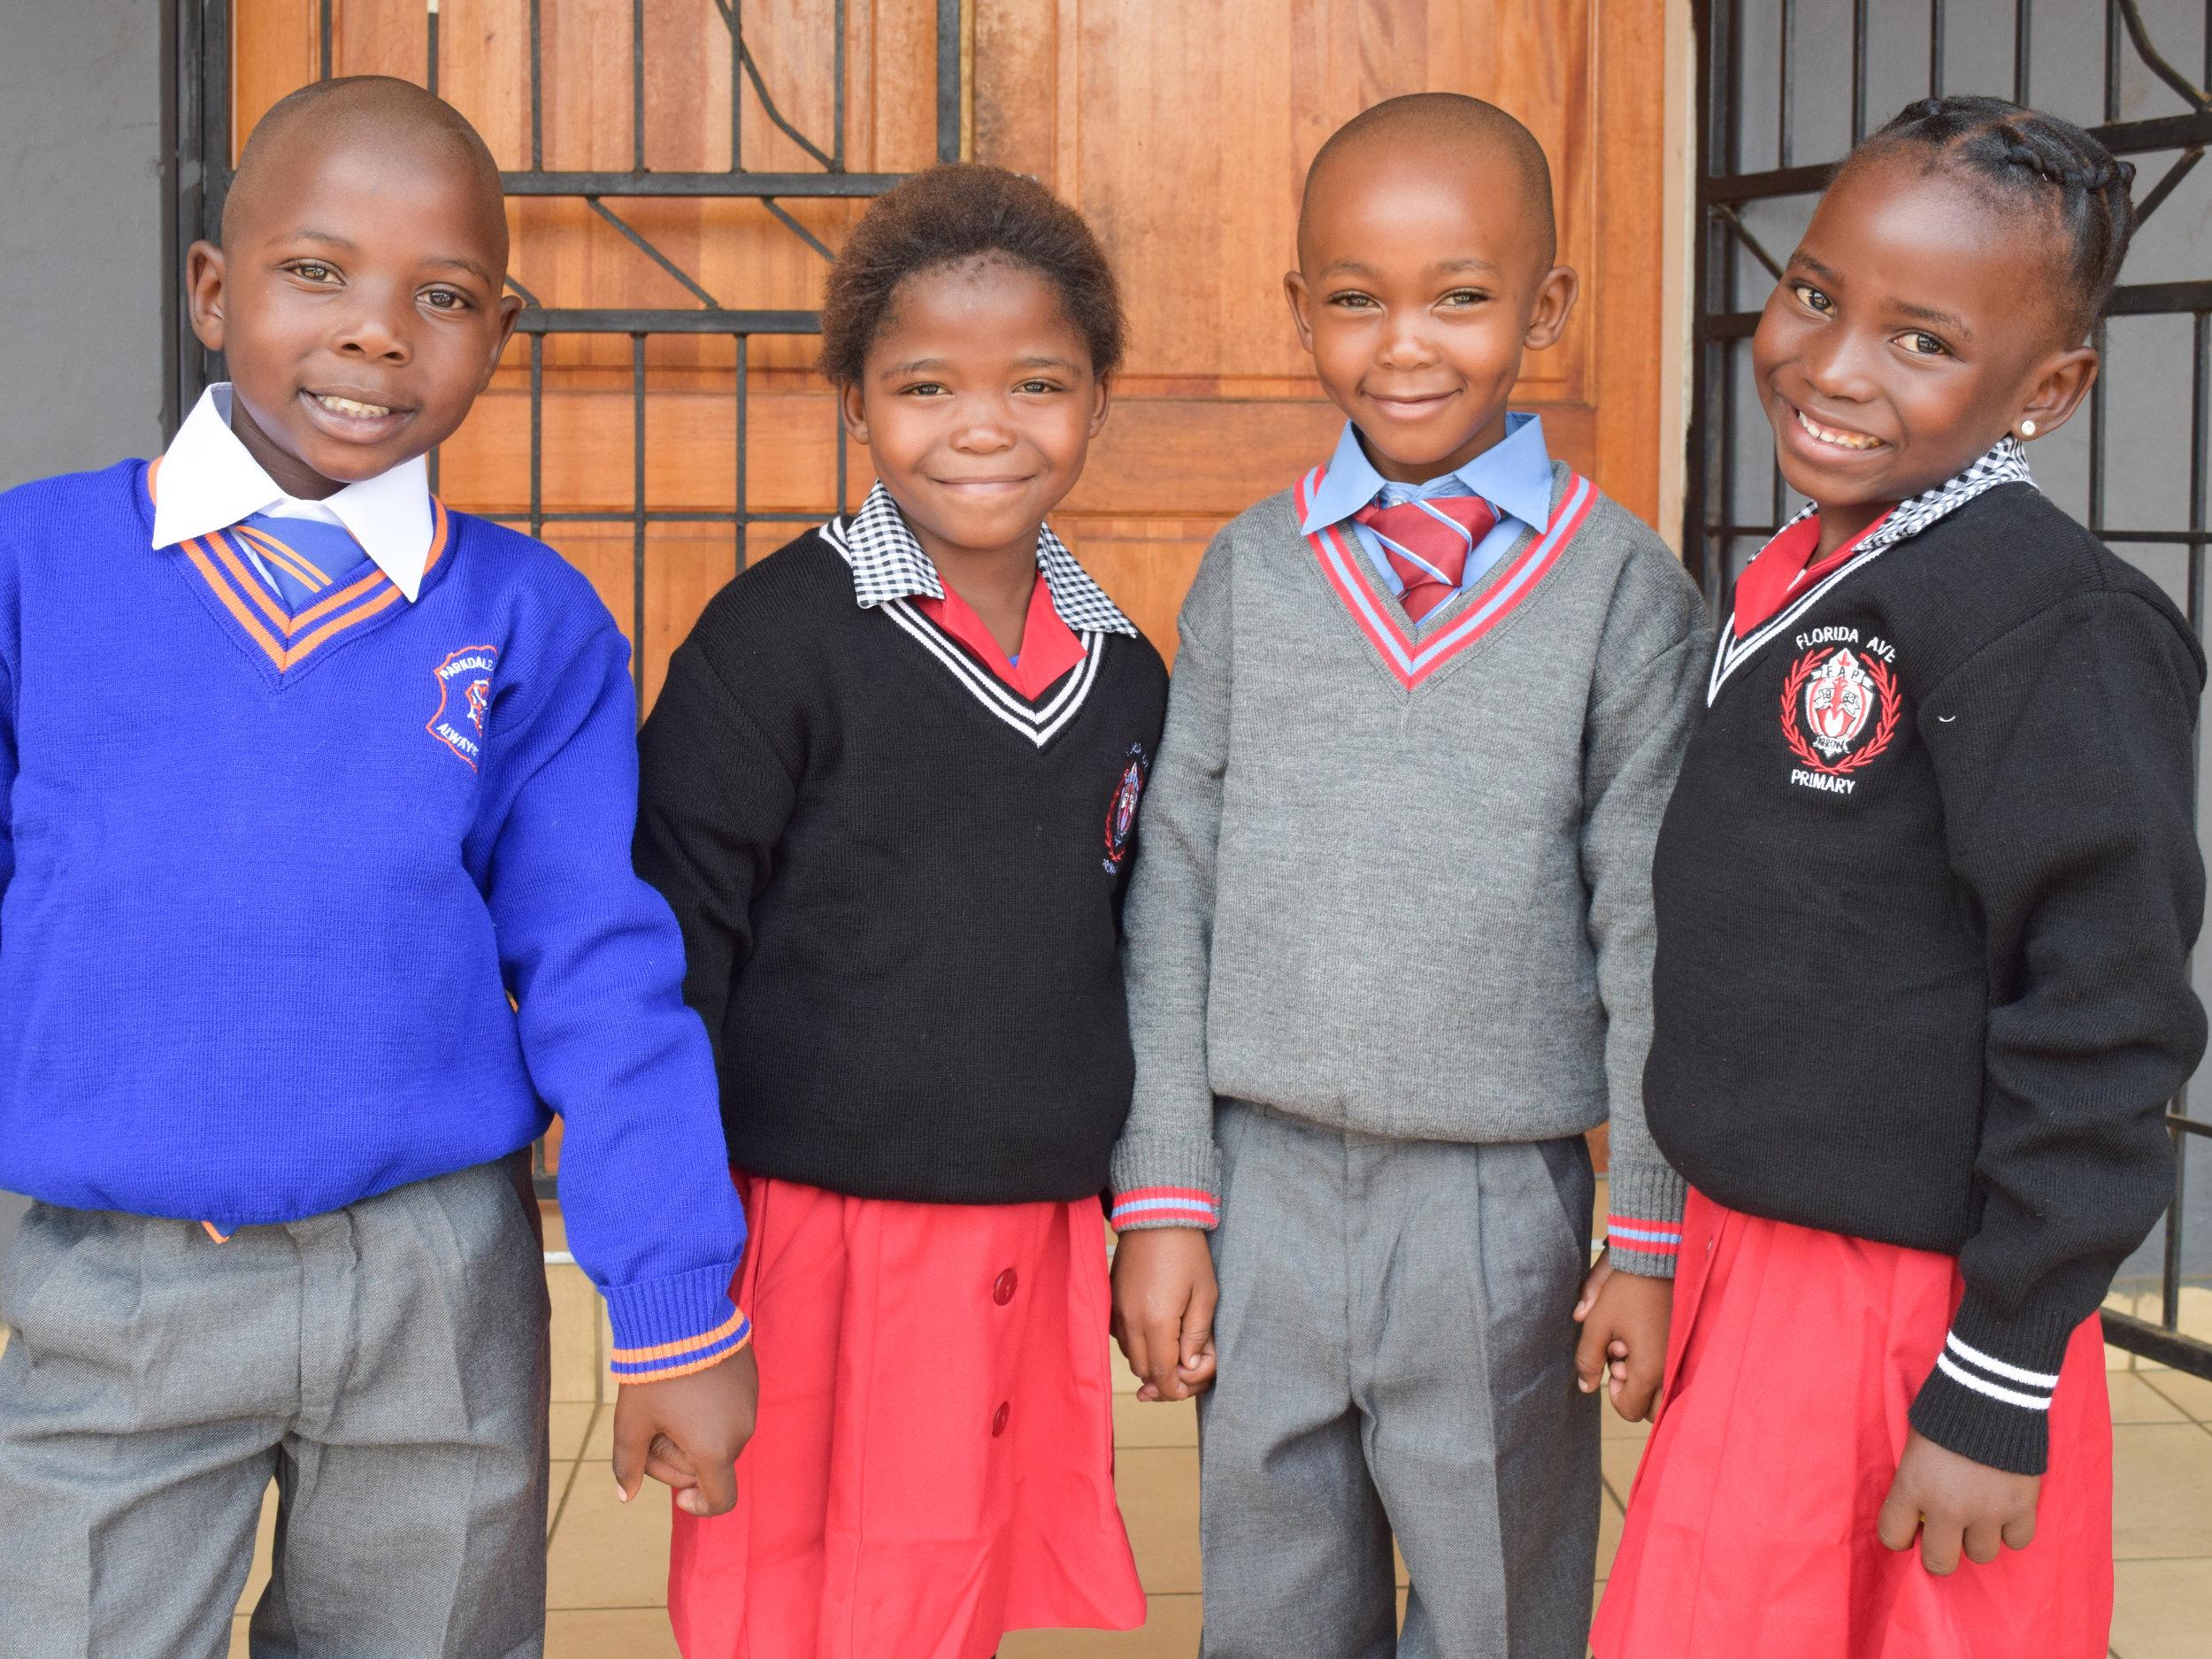 402 - Can_t Afford School.jpg